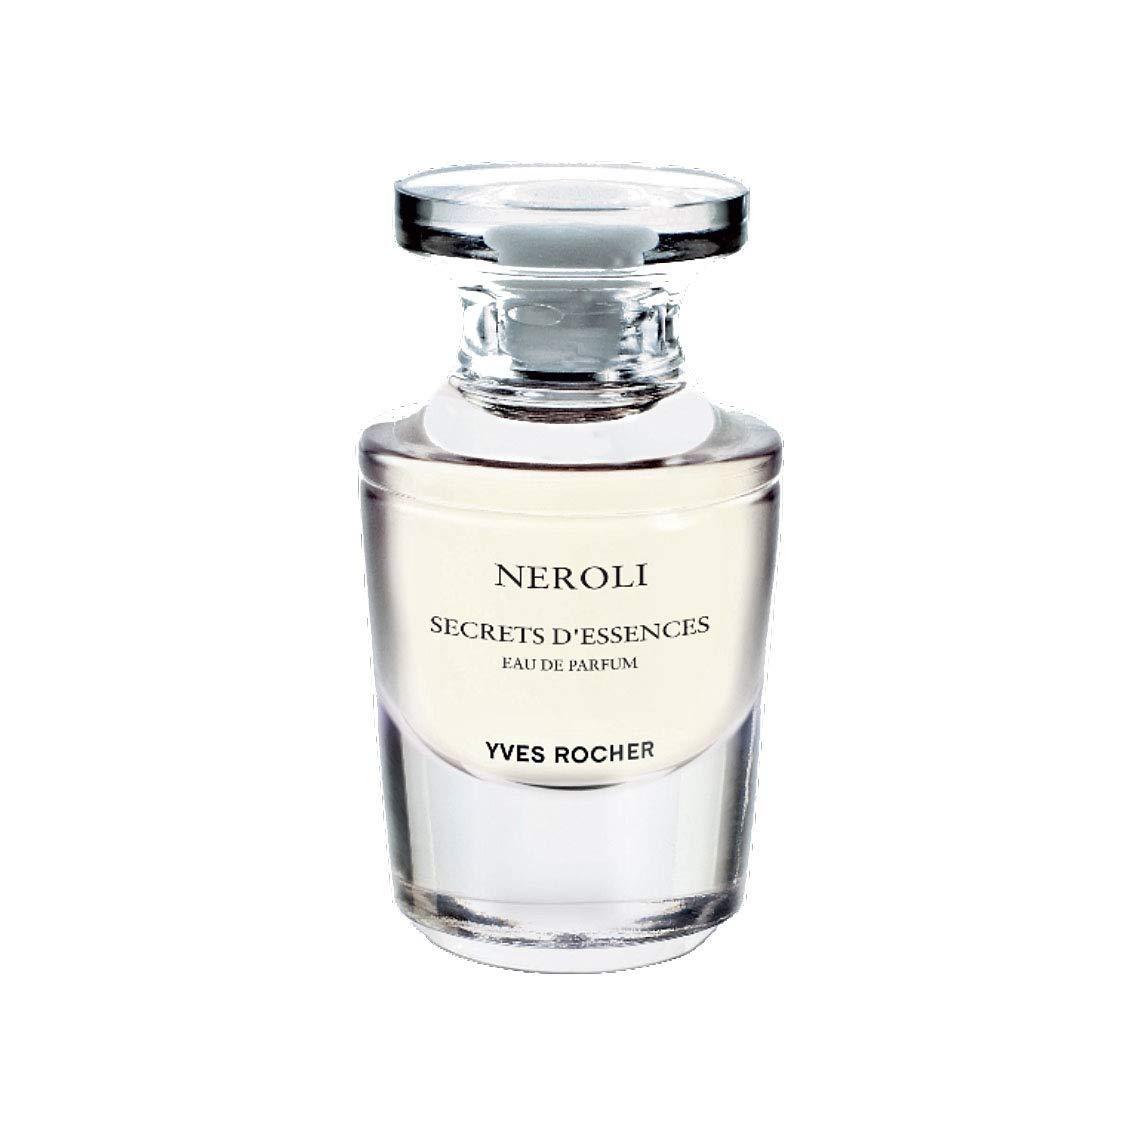 Yves Rocher Neroli Secrets D'Essences Eau De Parfum Mini, 5 ml./0.16 fl.oz.